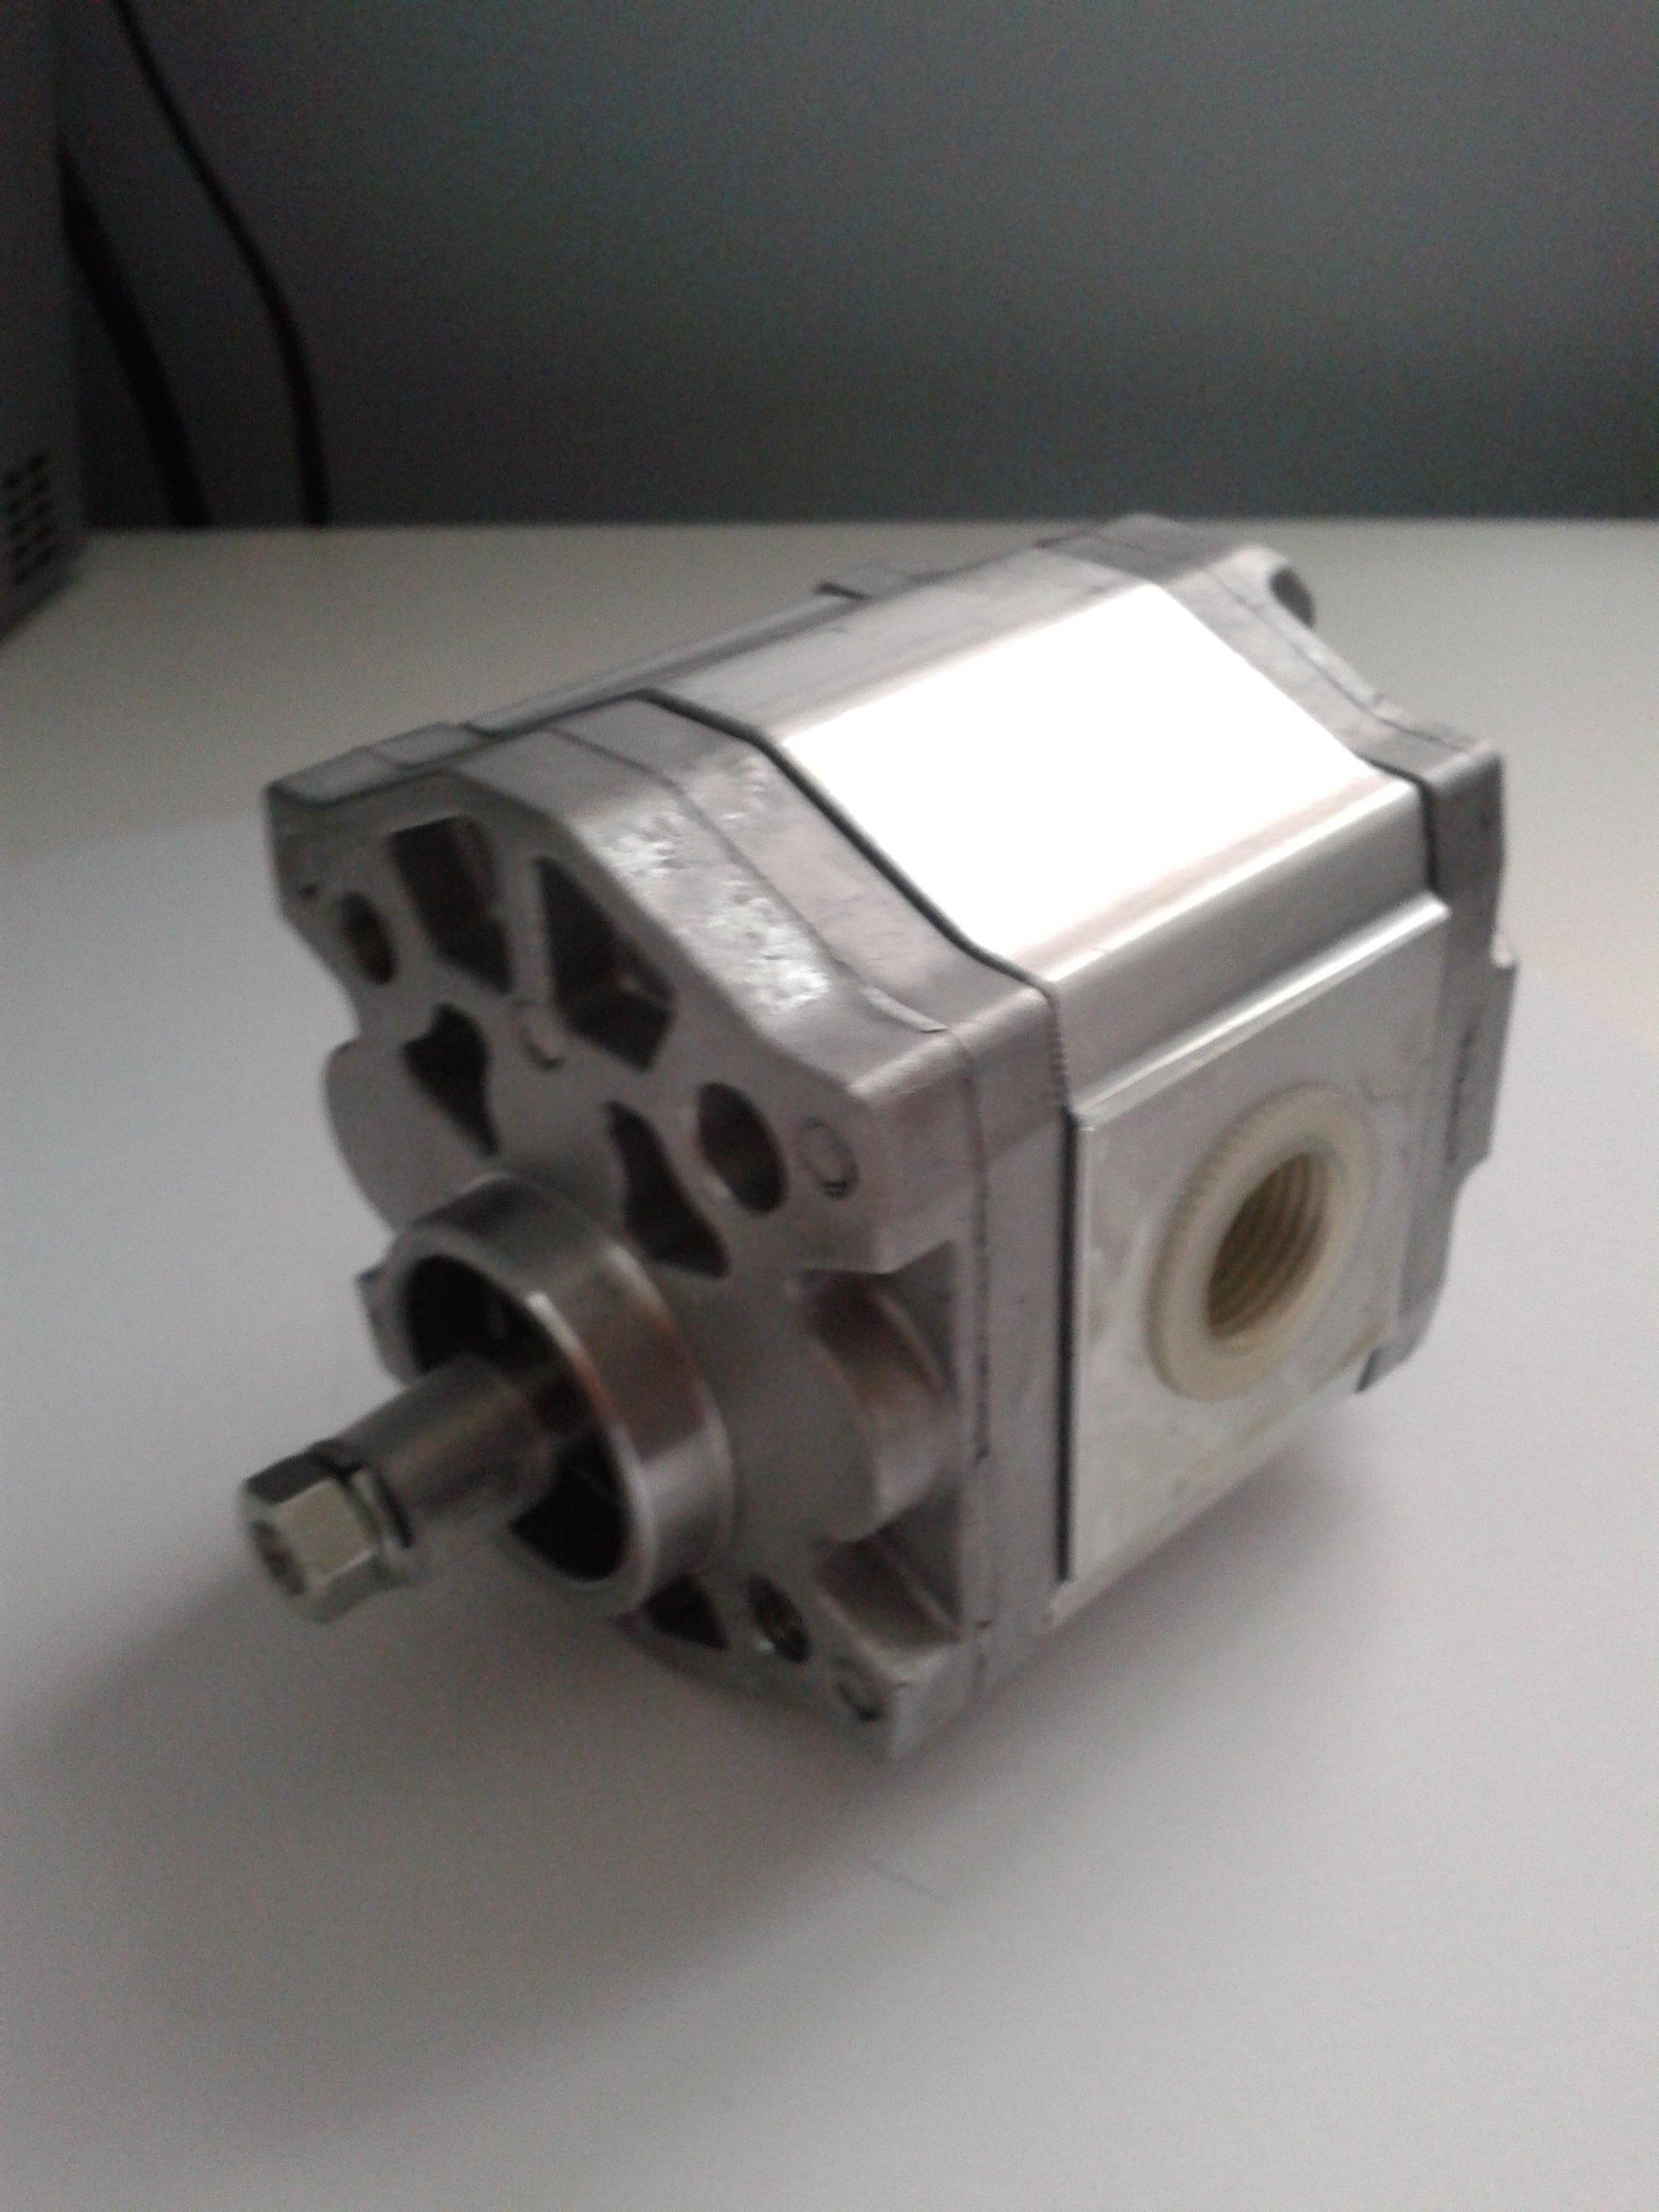 Damcos Danfoss Gear Pump P3 3cm3 Part No 320 1251